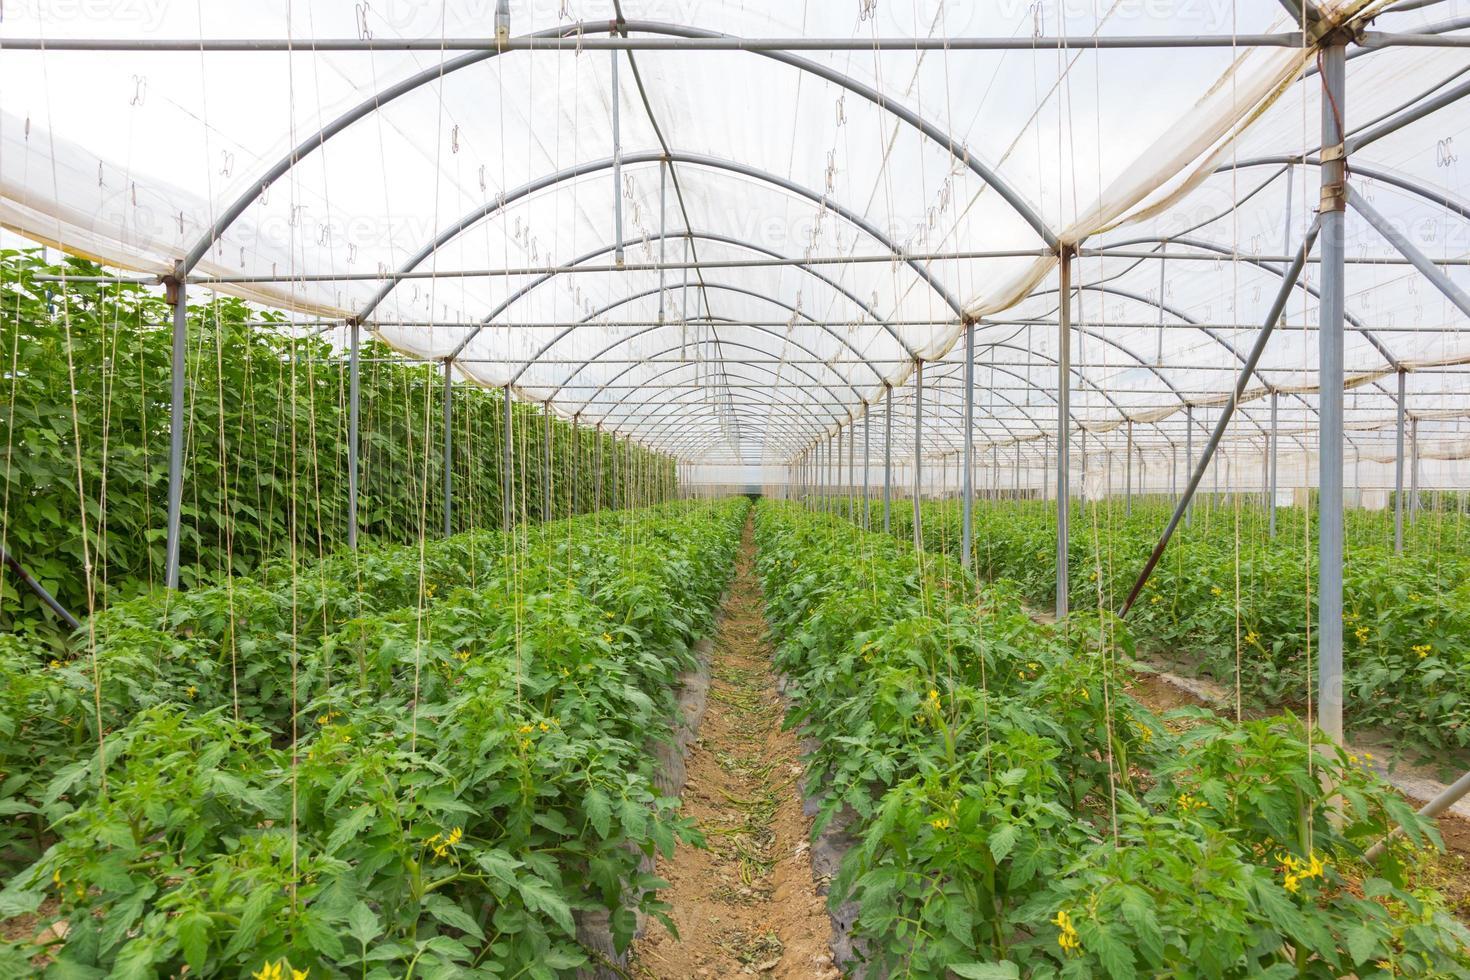 biologische tomaten groeien in de kas. foto